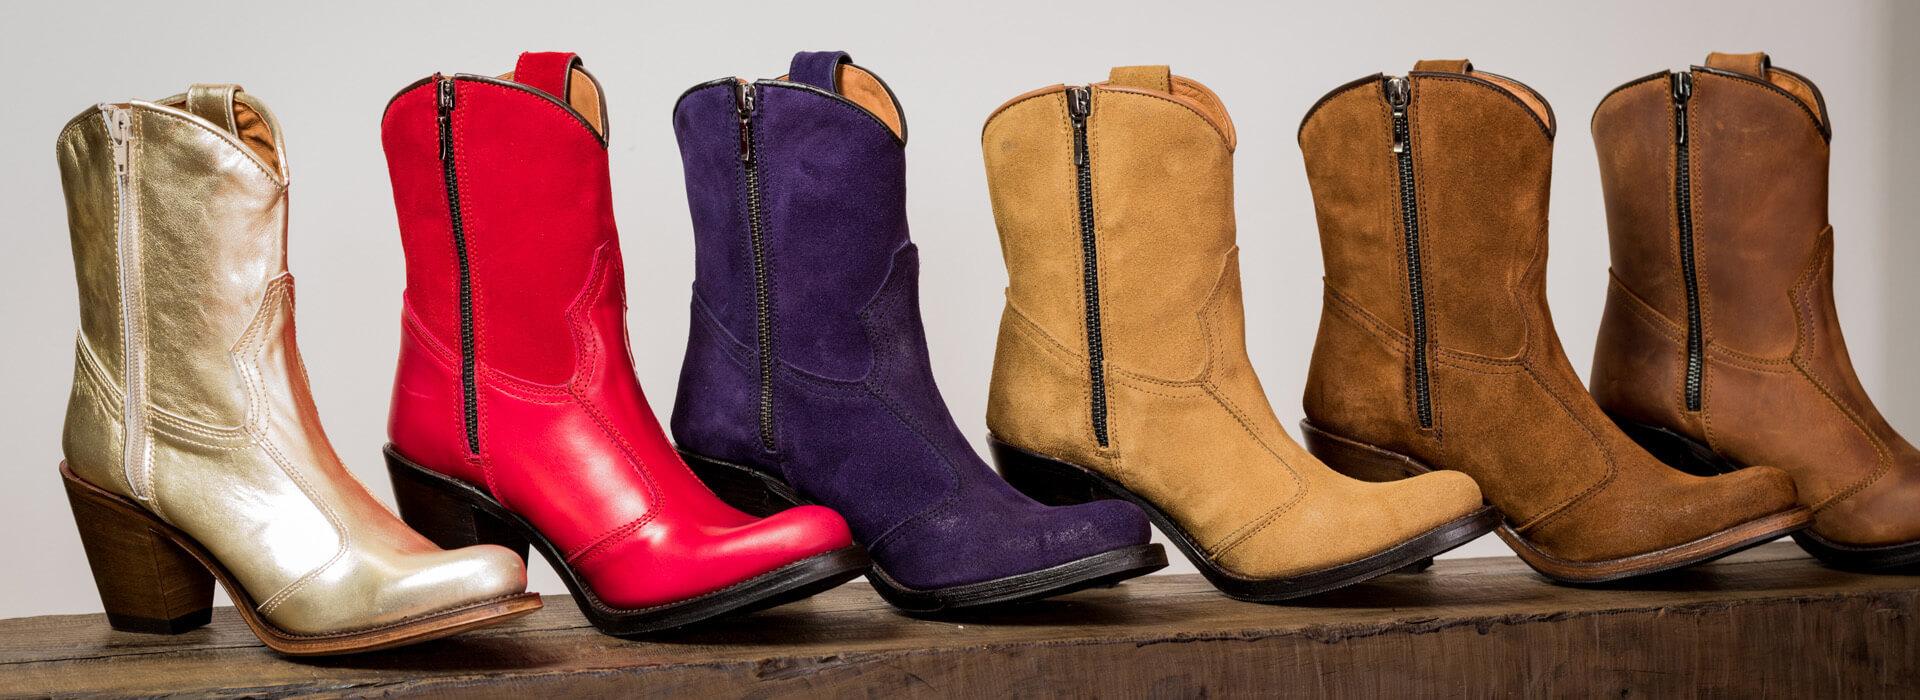 Selección botas texanas de señora